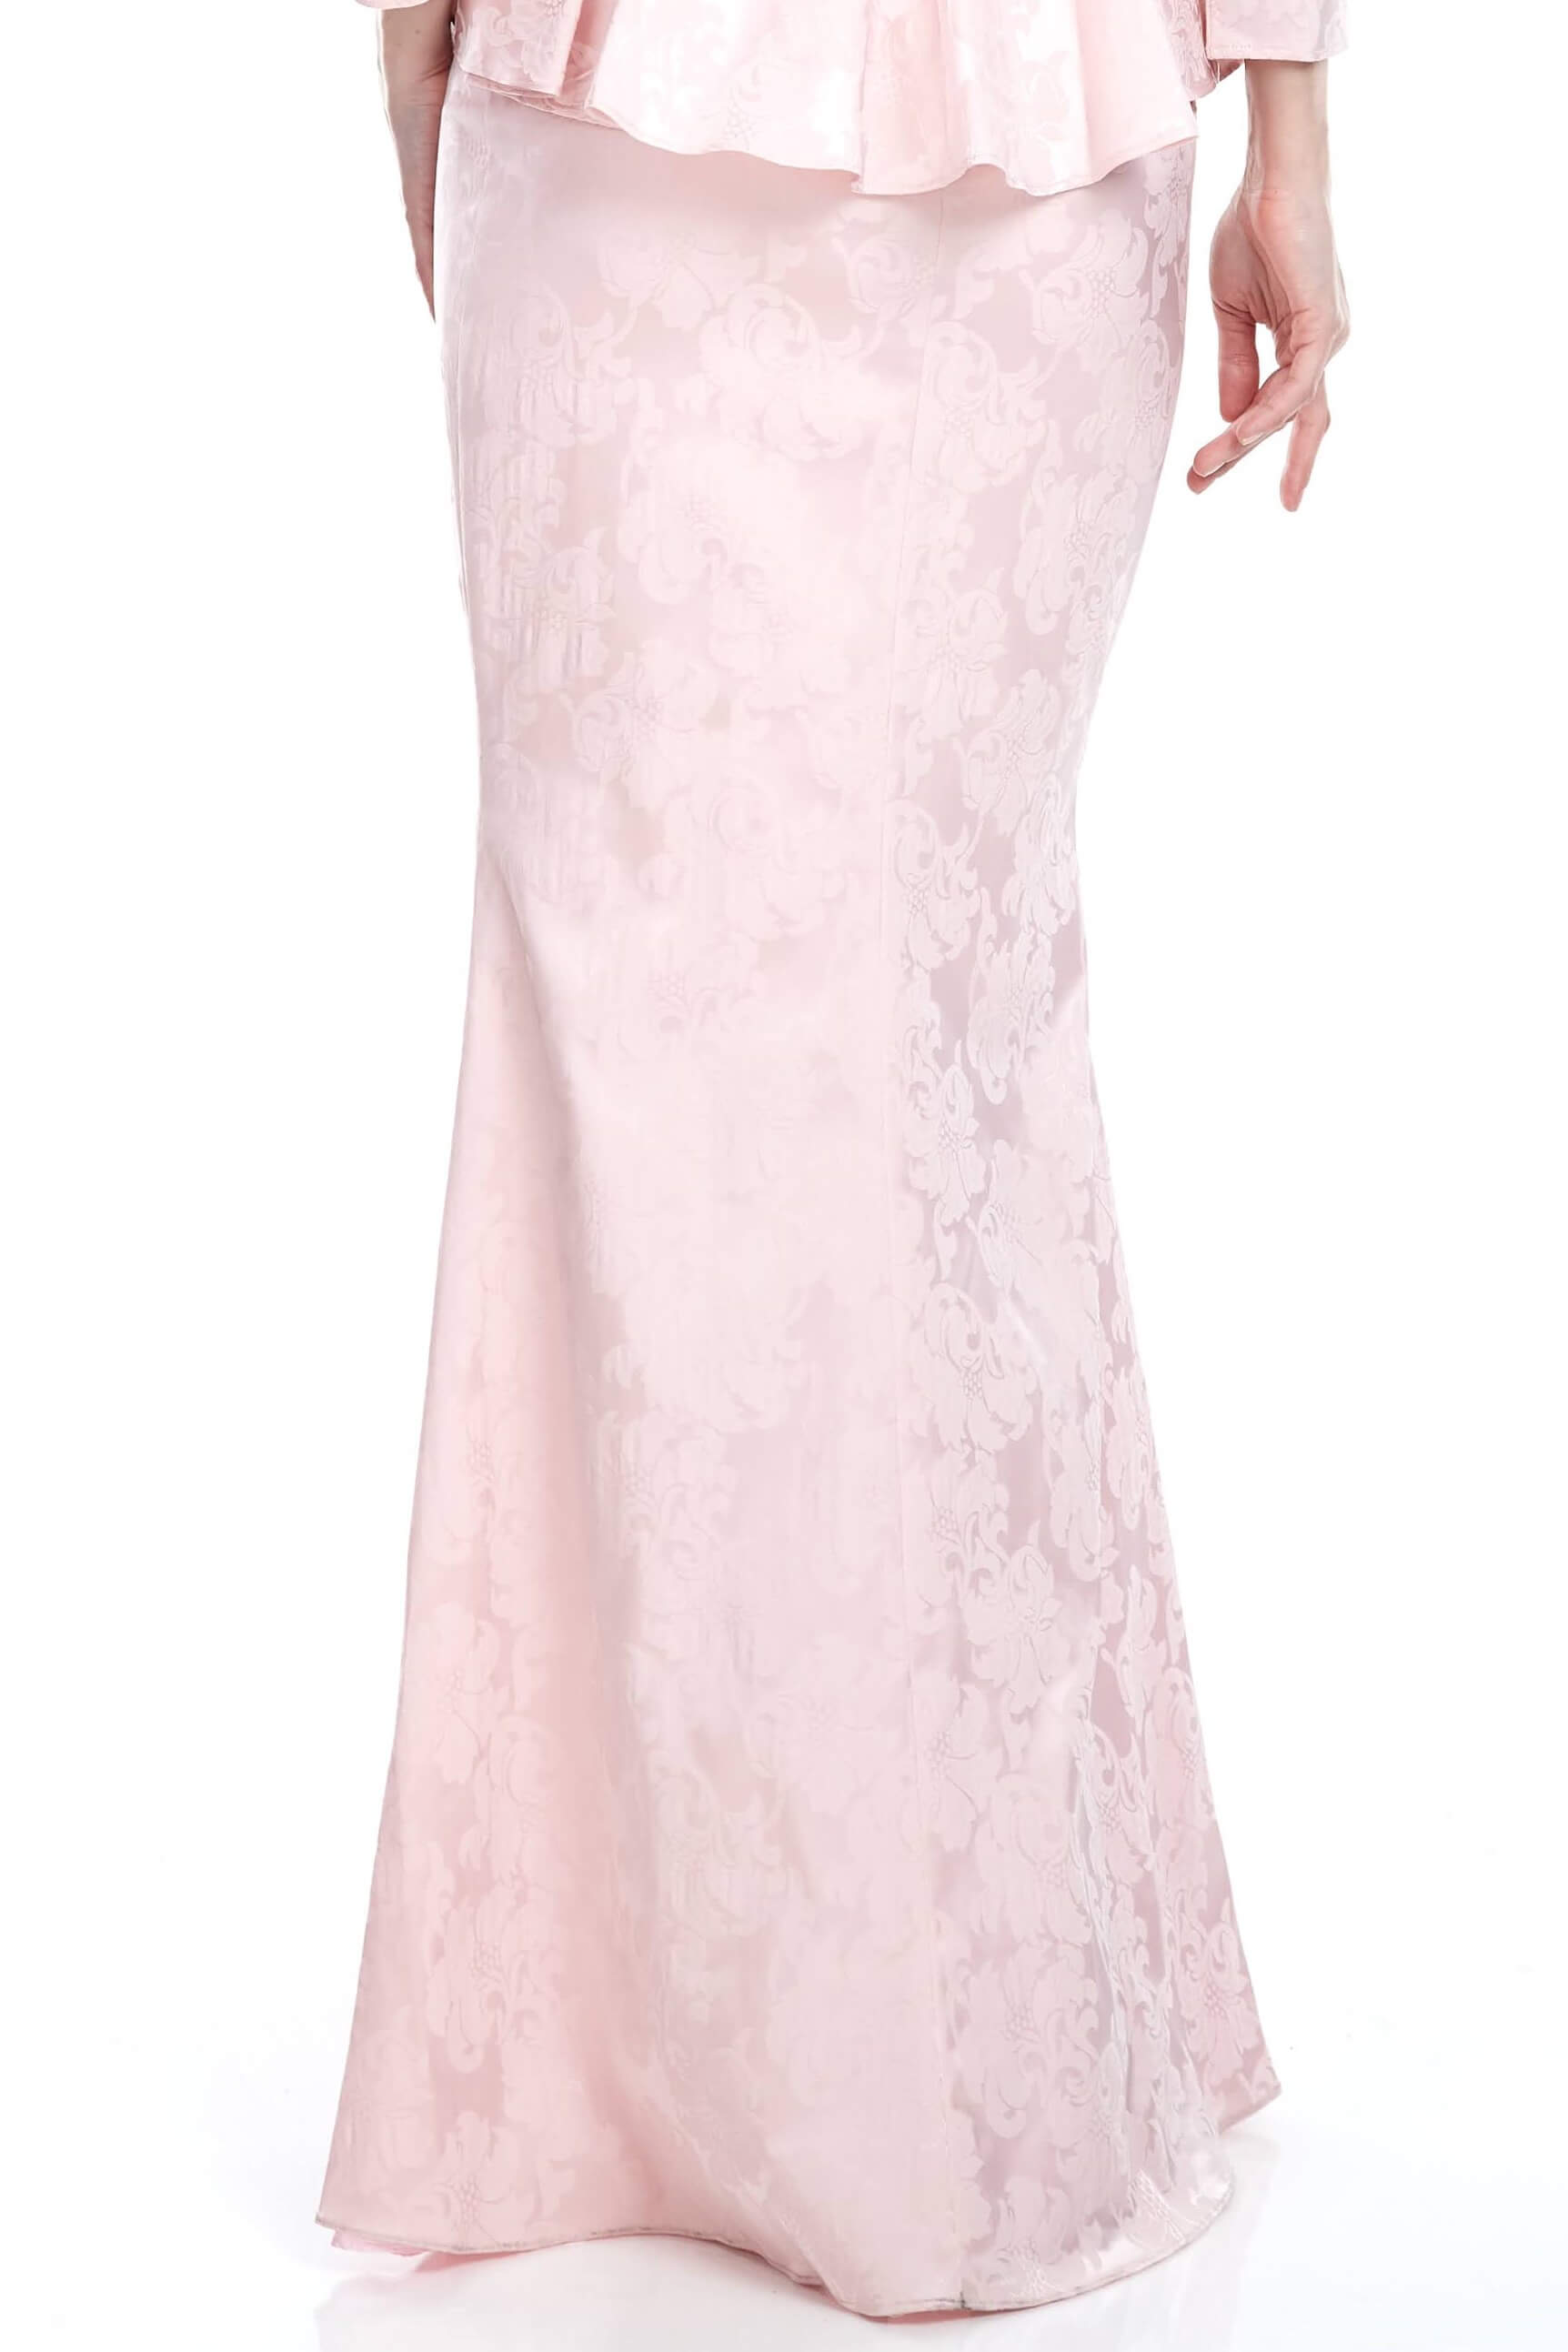 Pink Mermaid Skirt (5)